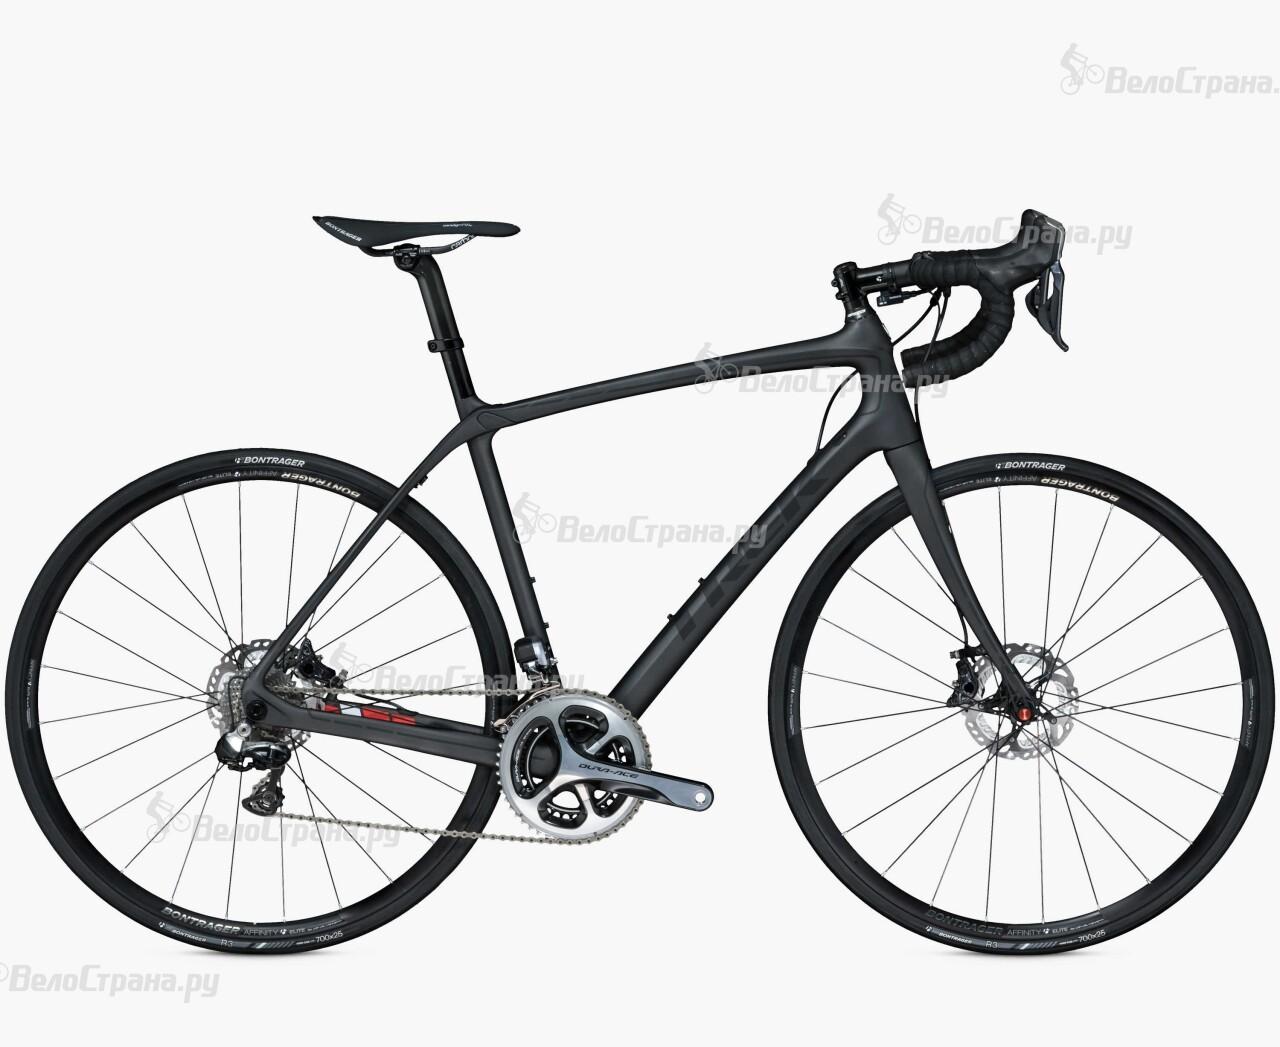 Велосипед Trek Domane 6.9 Disc (2016) мышонок пик сказки